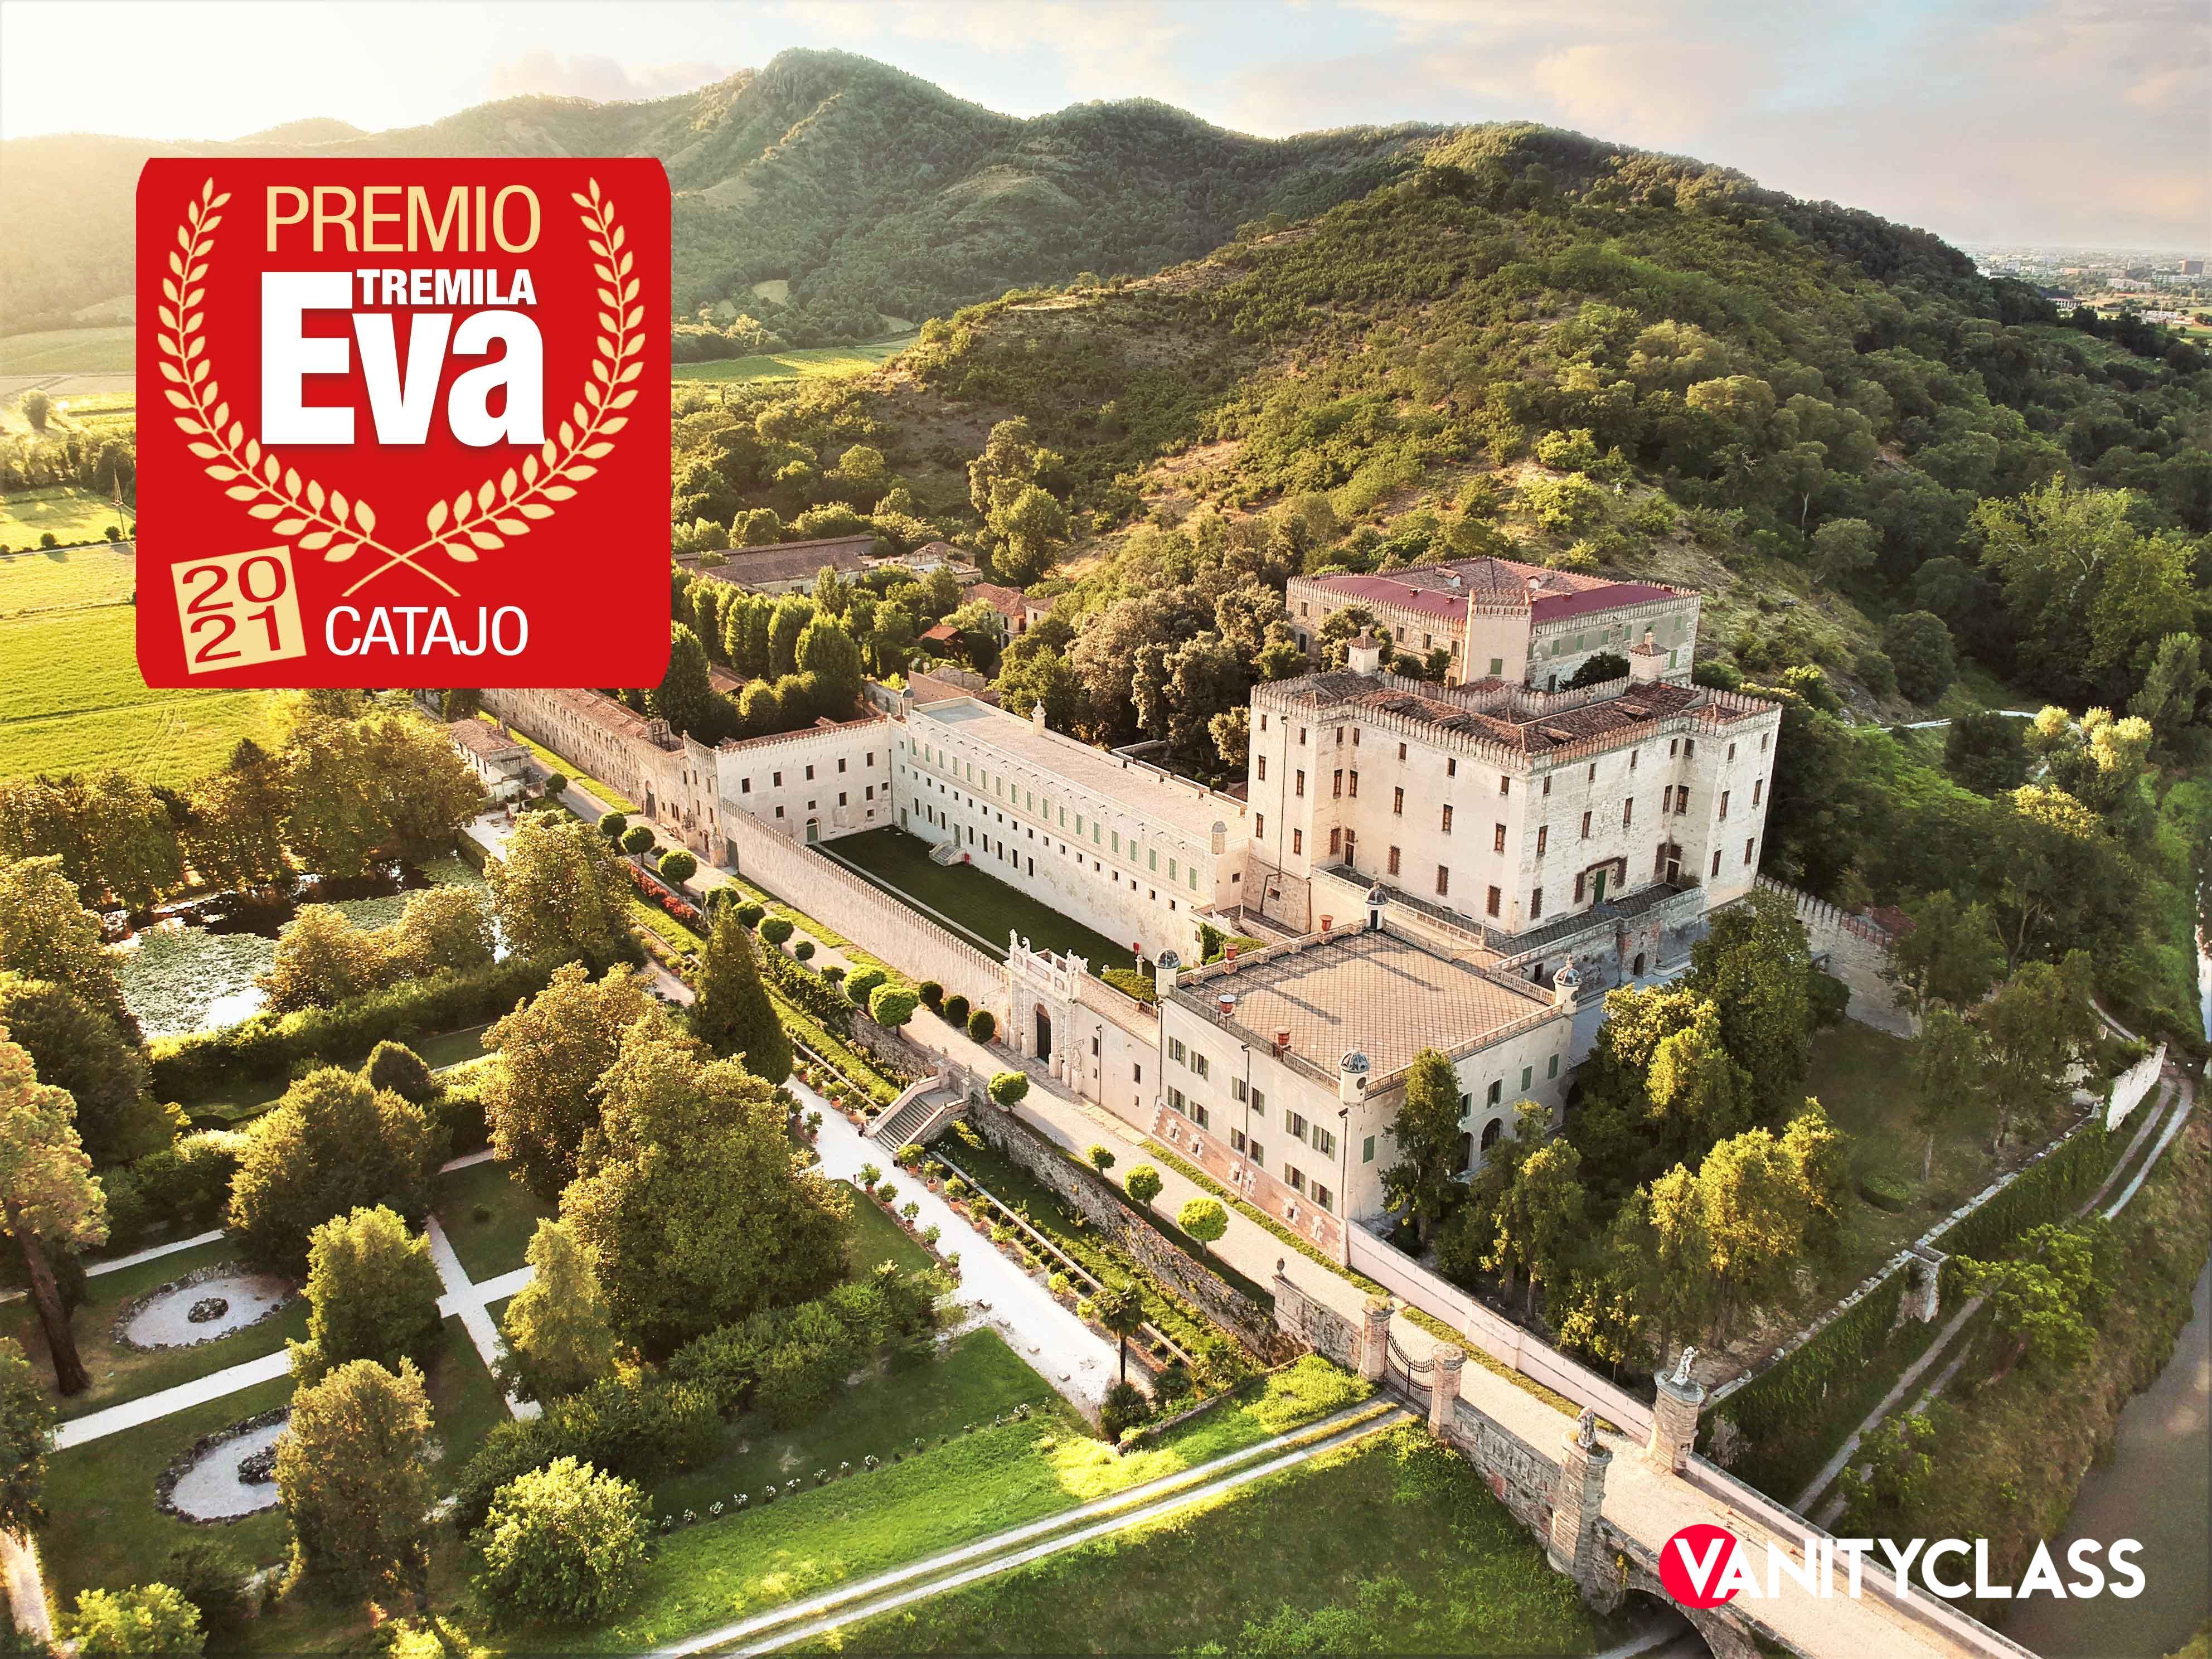 Il Premio Eva 3000 Catajo 2021